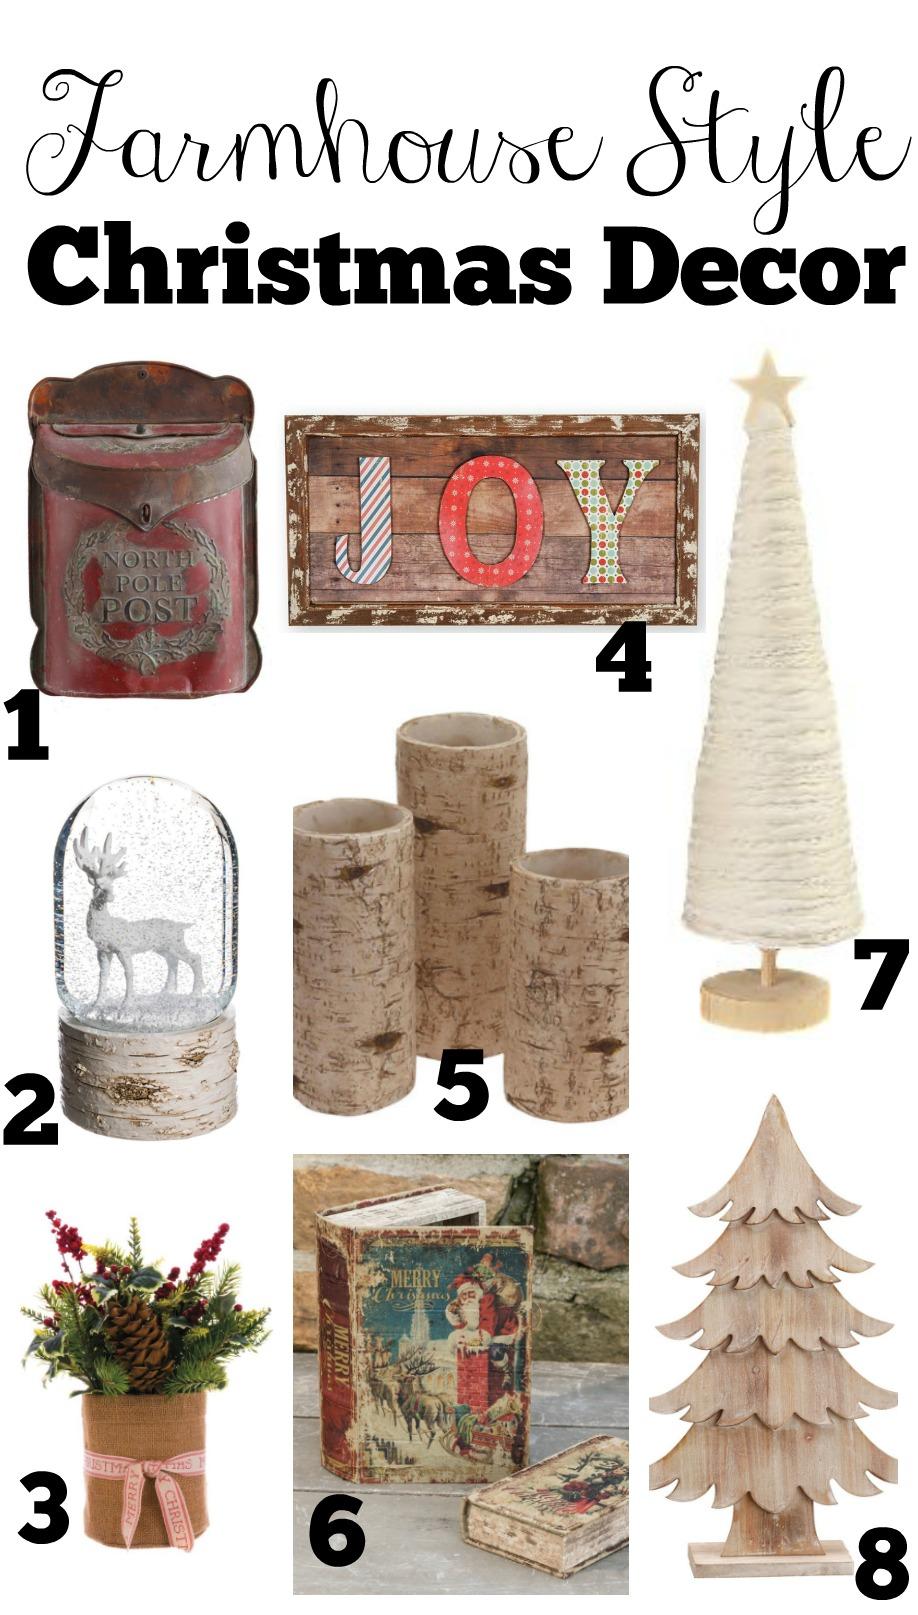 Farmhouse Style Christmas Decor Guide Little Vintage Nest